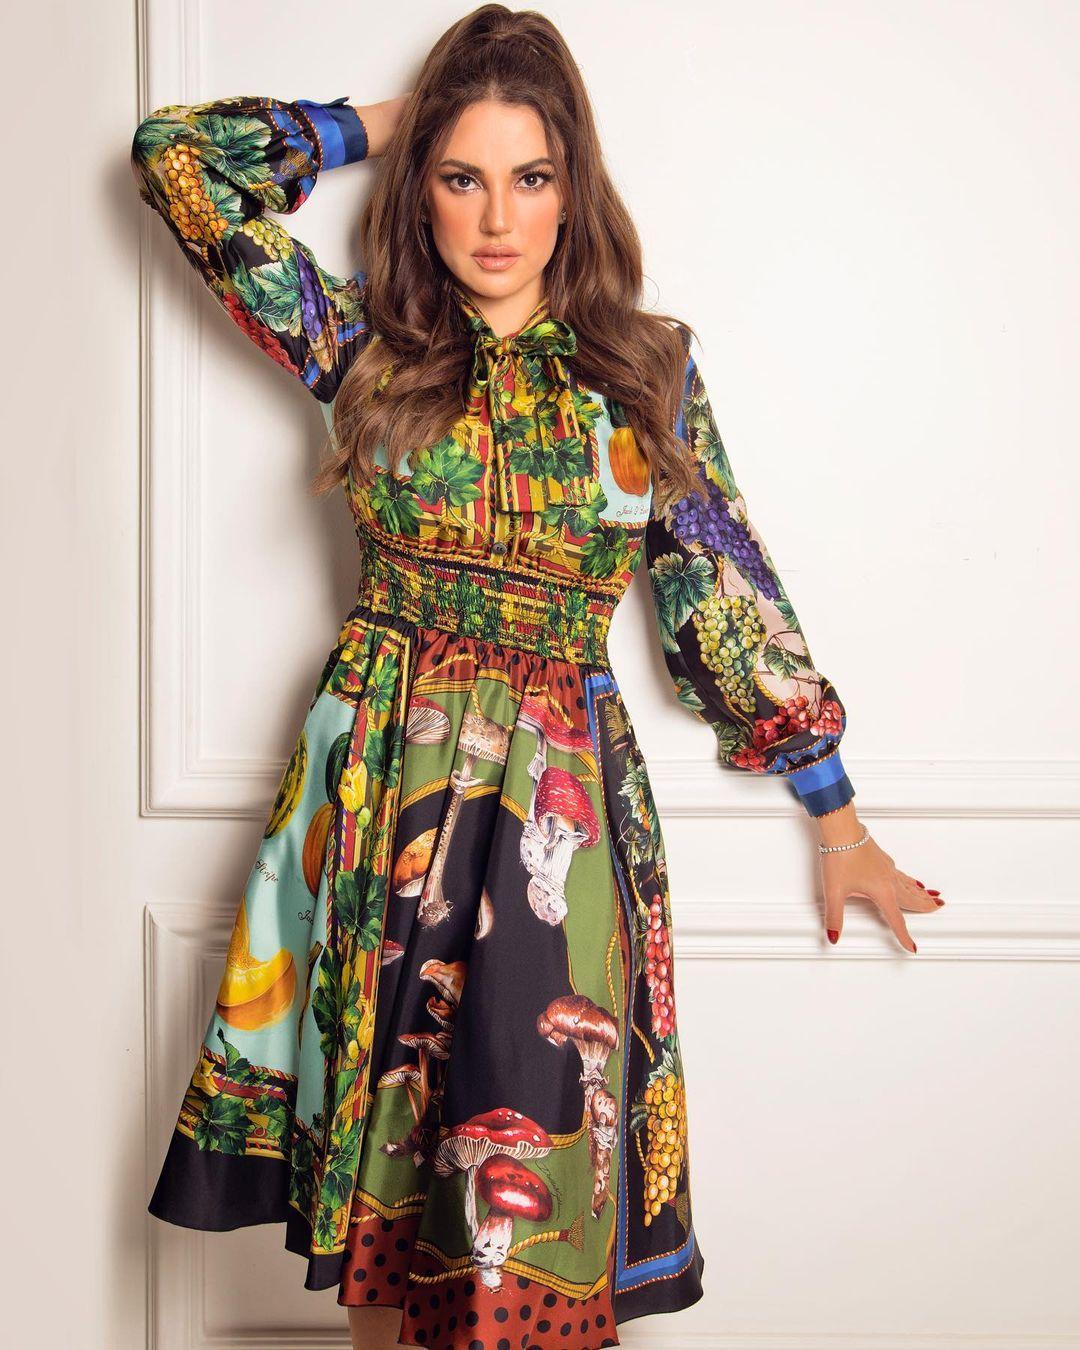 صورة ١ درة زروق بفستان مُطبّع بألوان زاهية الصورة من حسابها على انستغرام